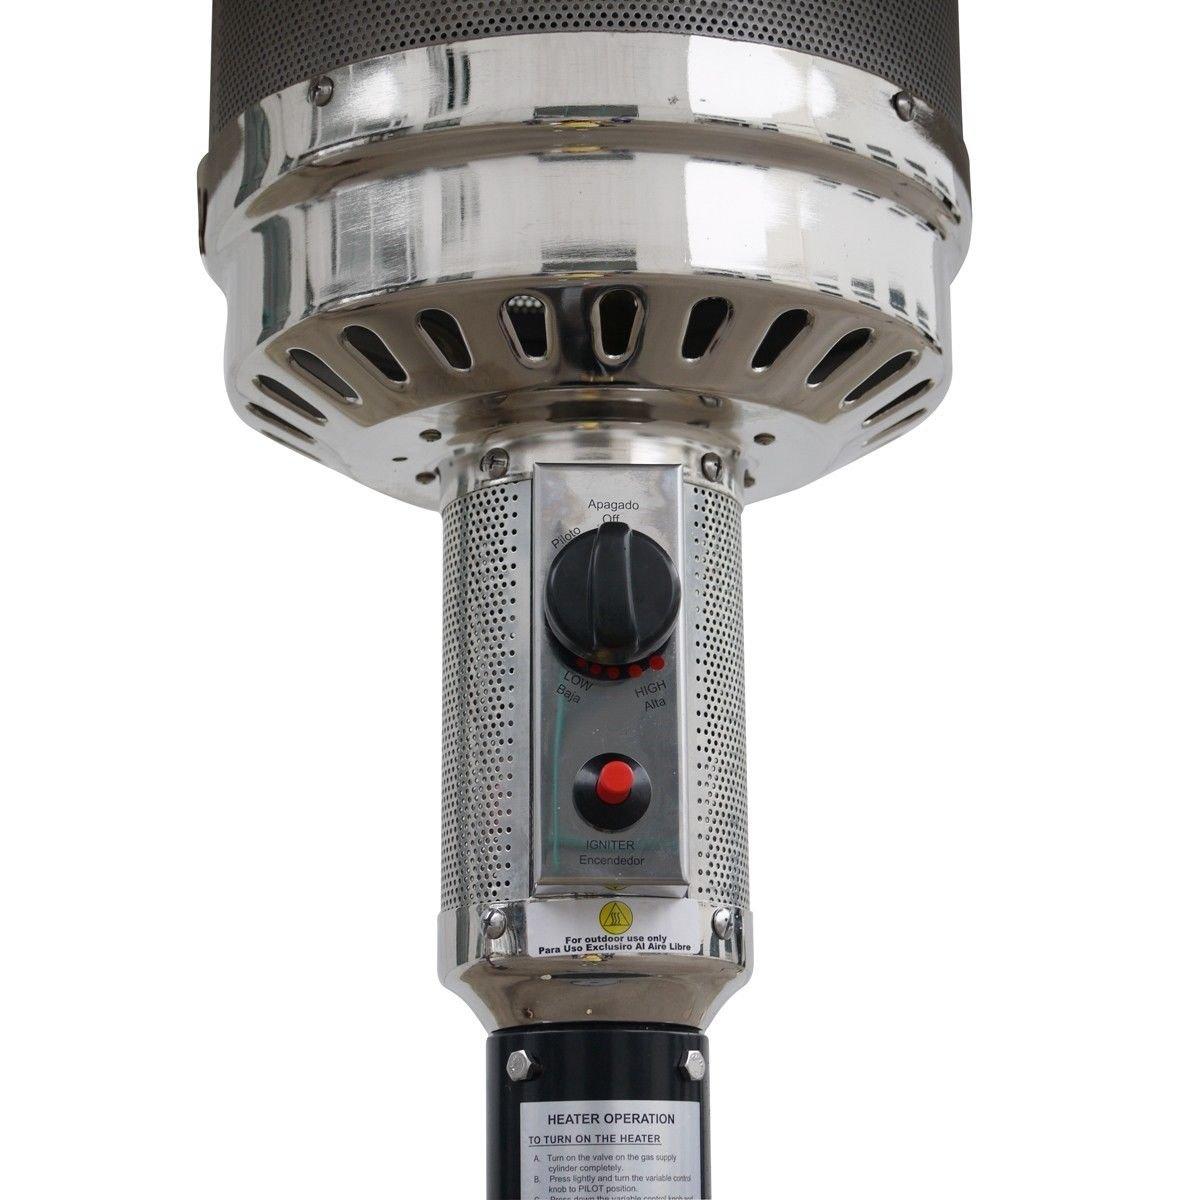 Amazon.com : Garden Outdoor Patio Heater Propane Standing LP Gas Steel w/accessories BRONZE : Garden & Outdoor